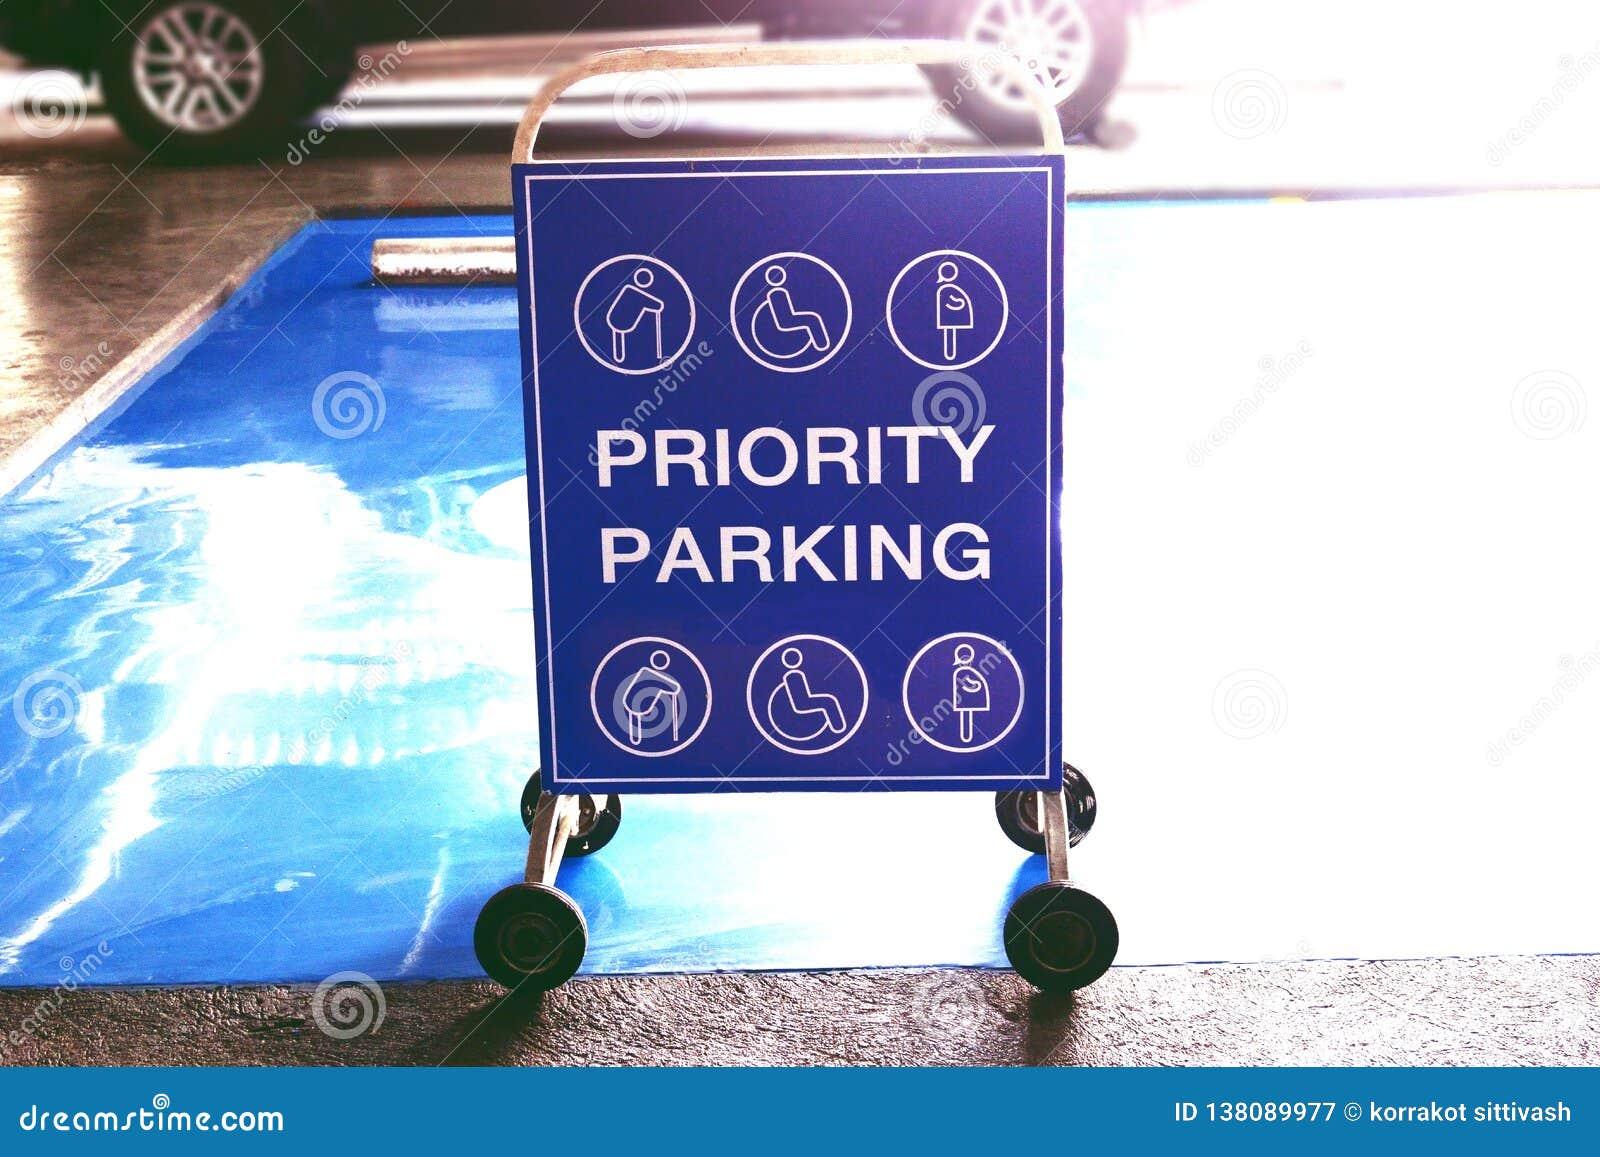 Εμπόδιο κυκλοφορίας για το χώρο στάθμευσης προτεραιότητας στη λεωφόρο αγορών